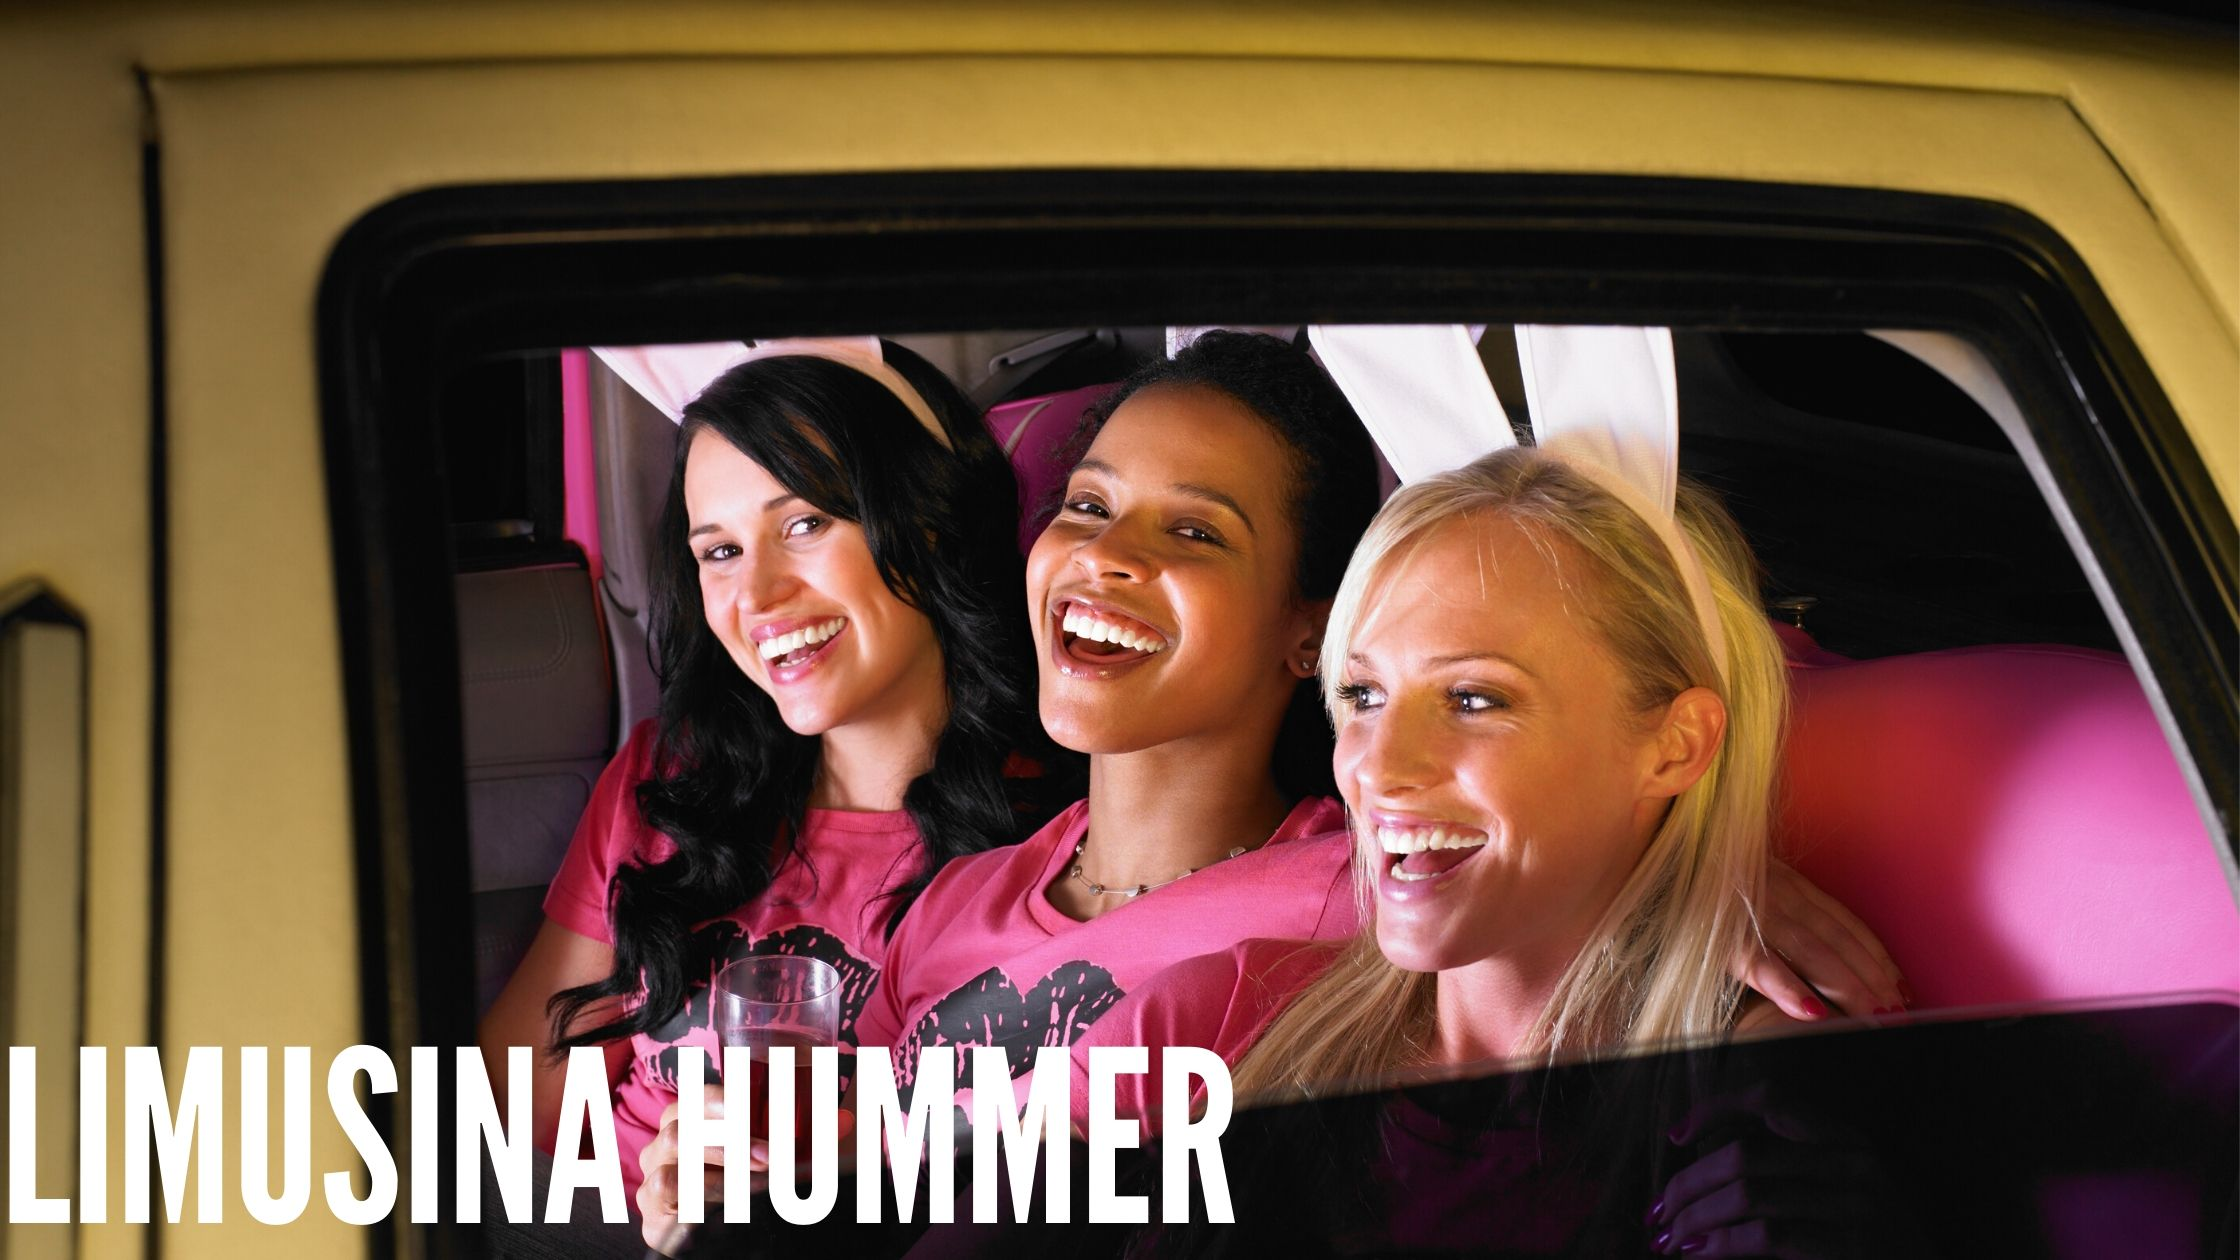 Limusina Hummer